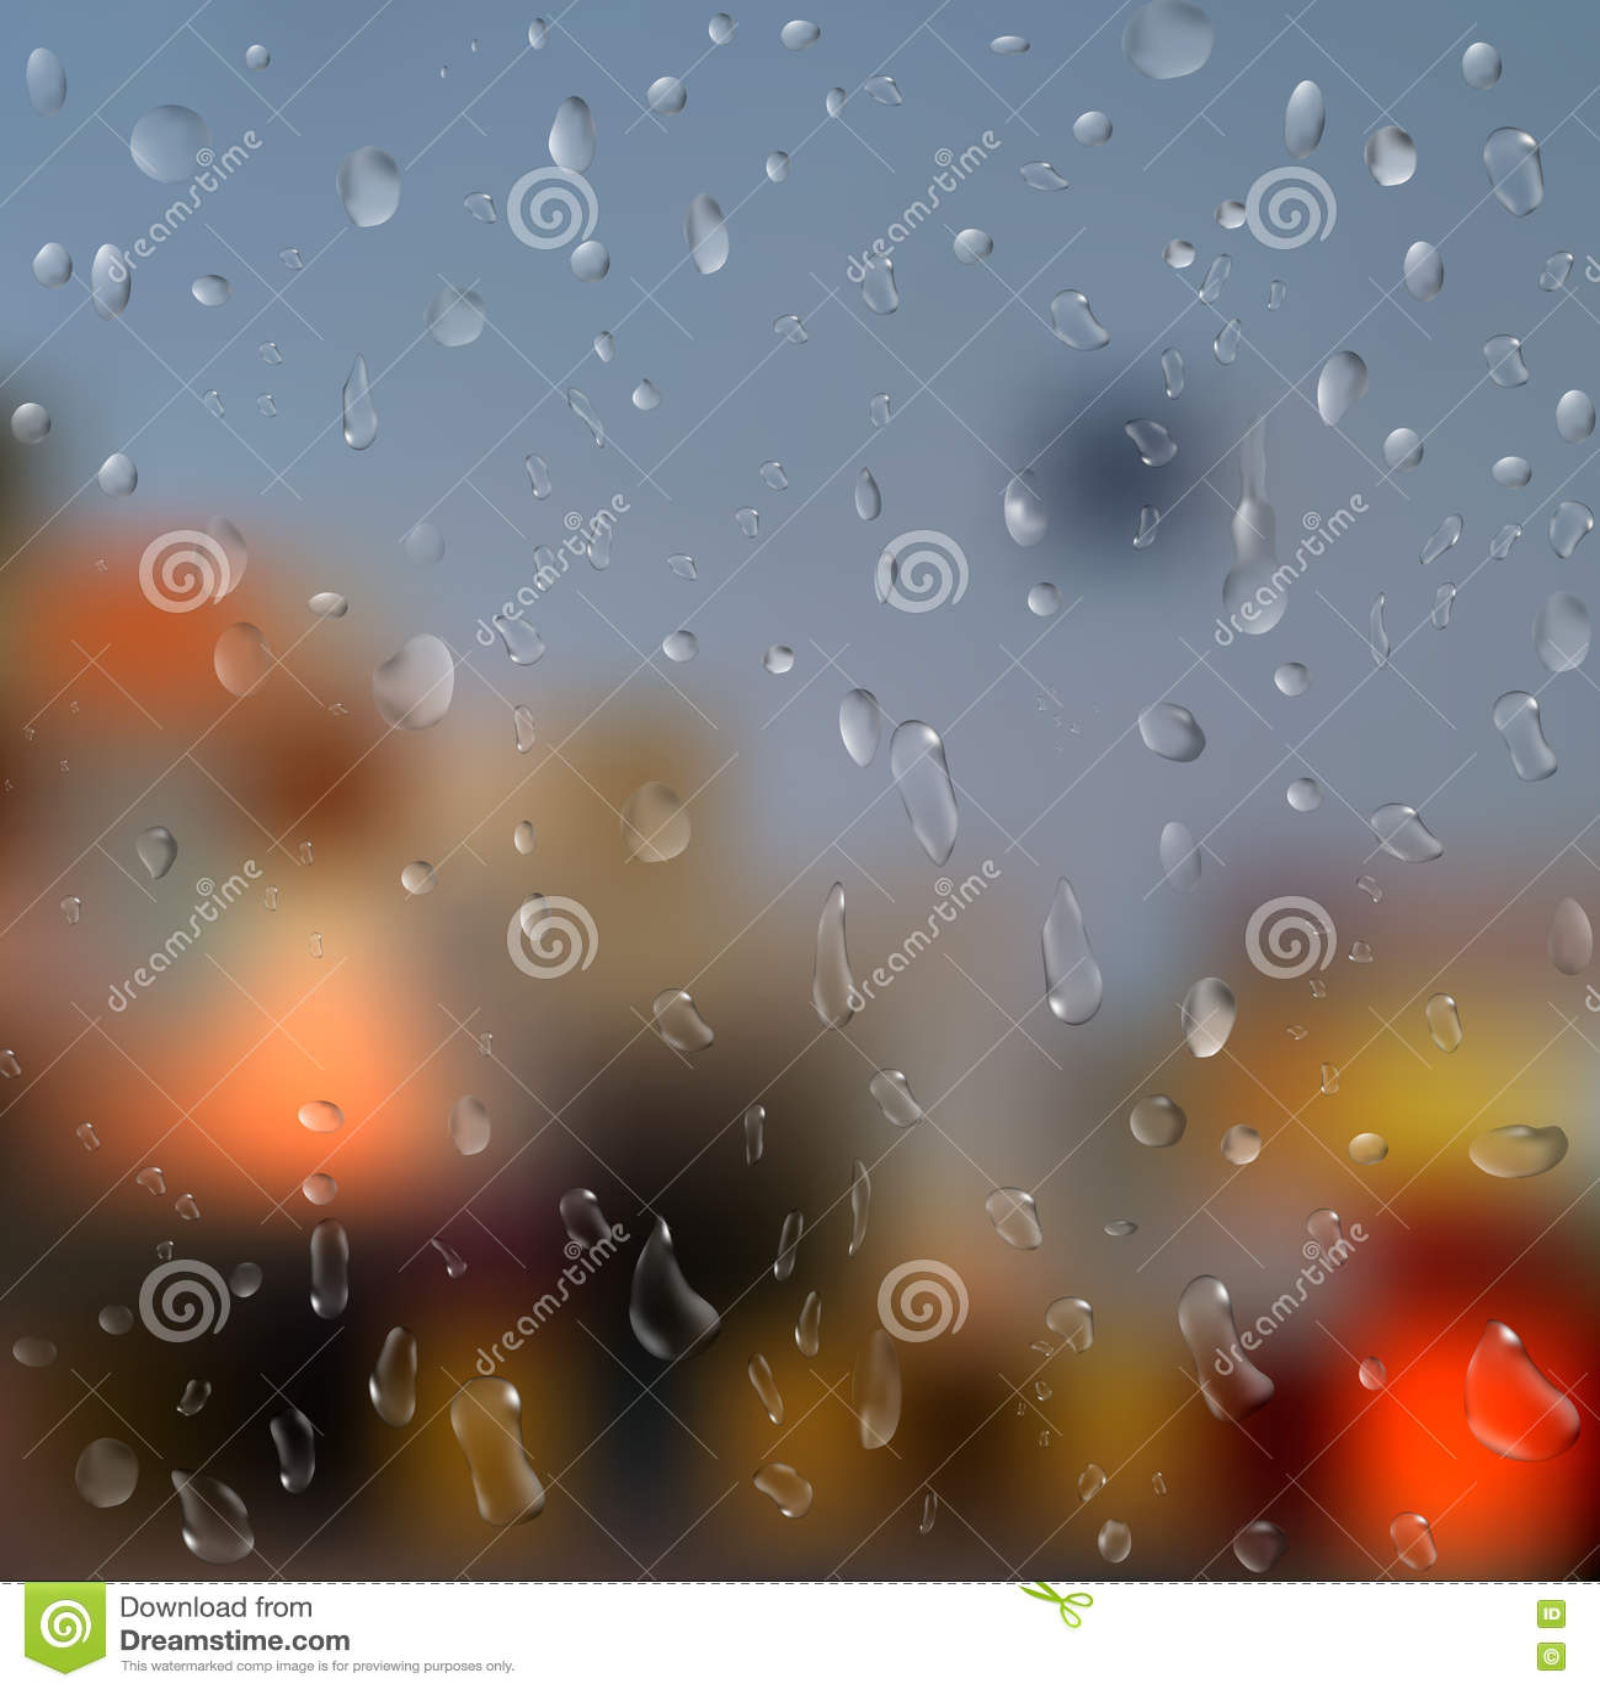 Gotas da chuva na janela com luzes abstratas ilustração 3D Vetor